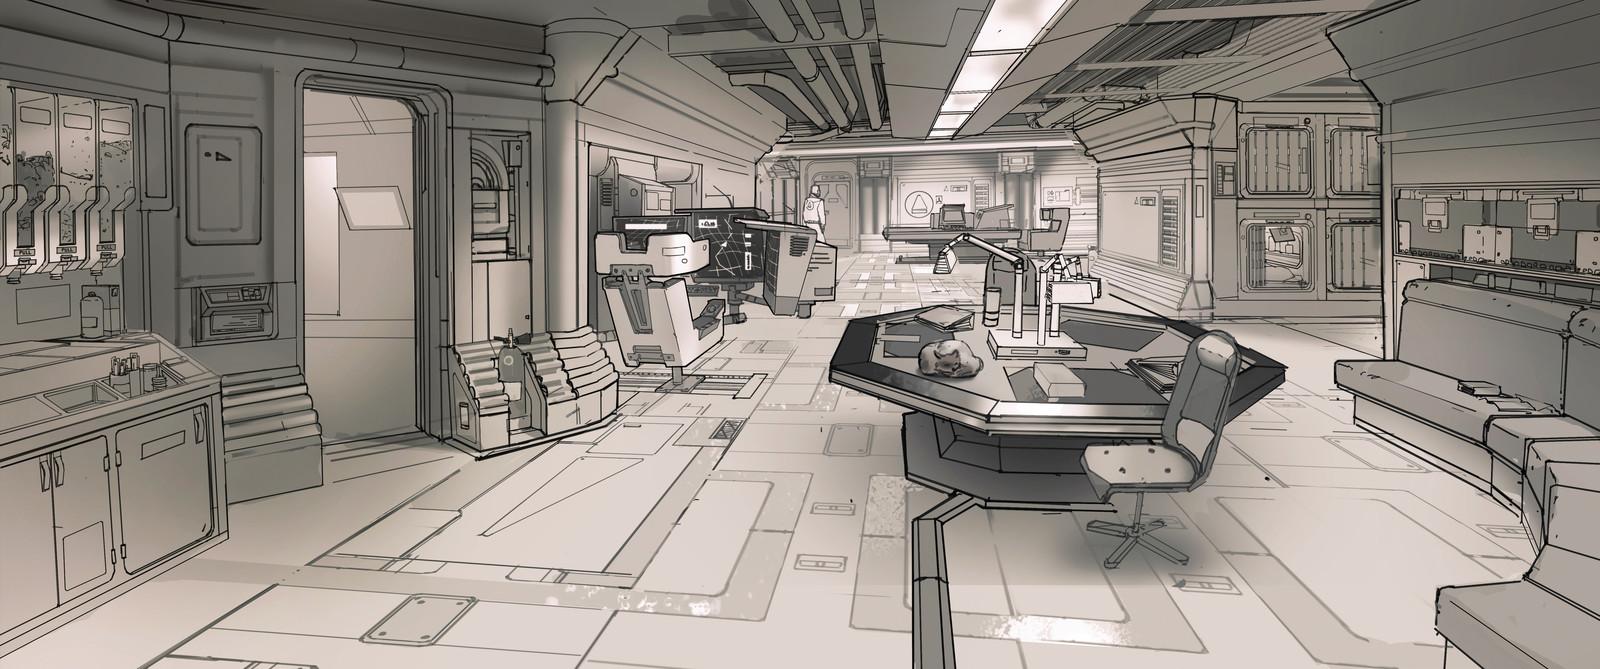 Demo - Sci-fi Station Interior design